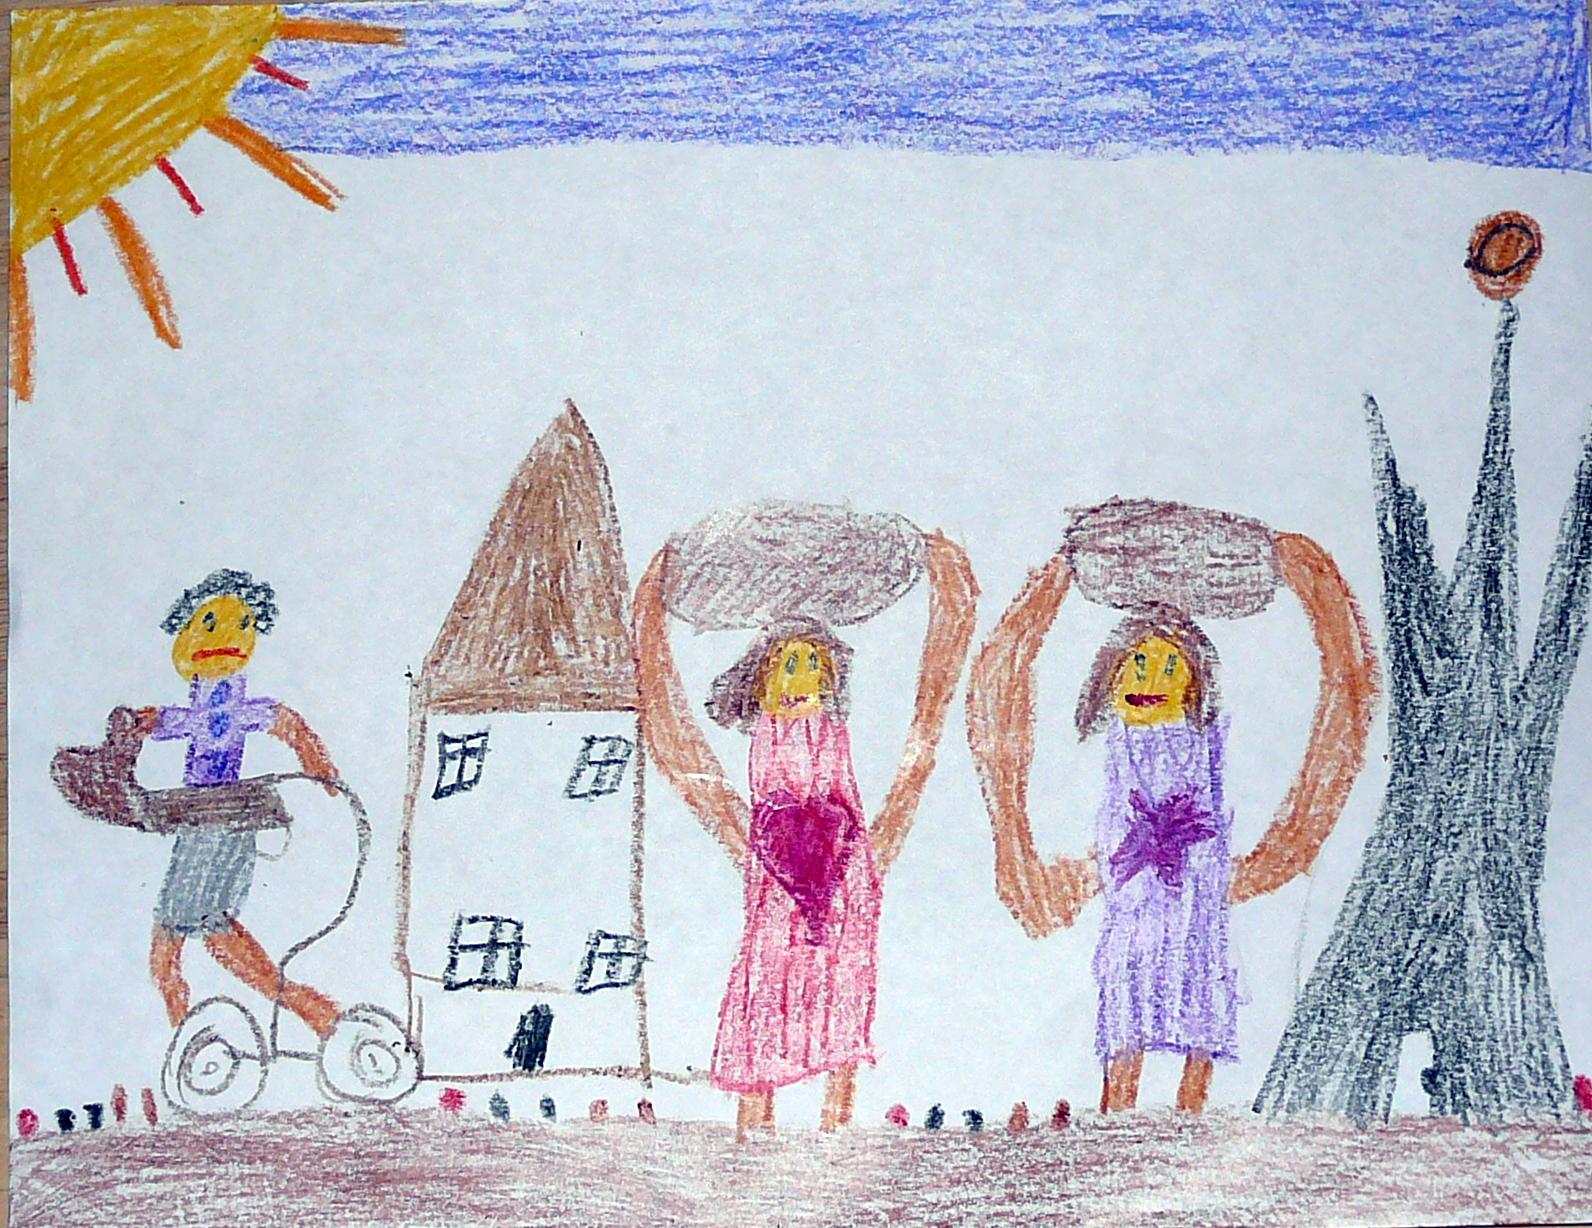 india-art-work-kids-desi-portray-slumdog-millionaire